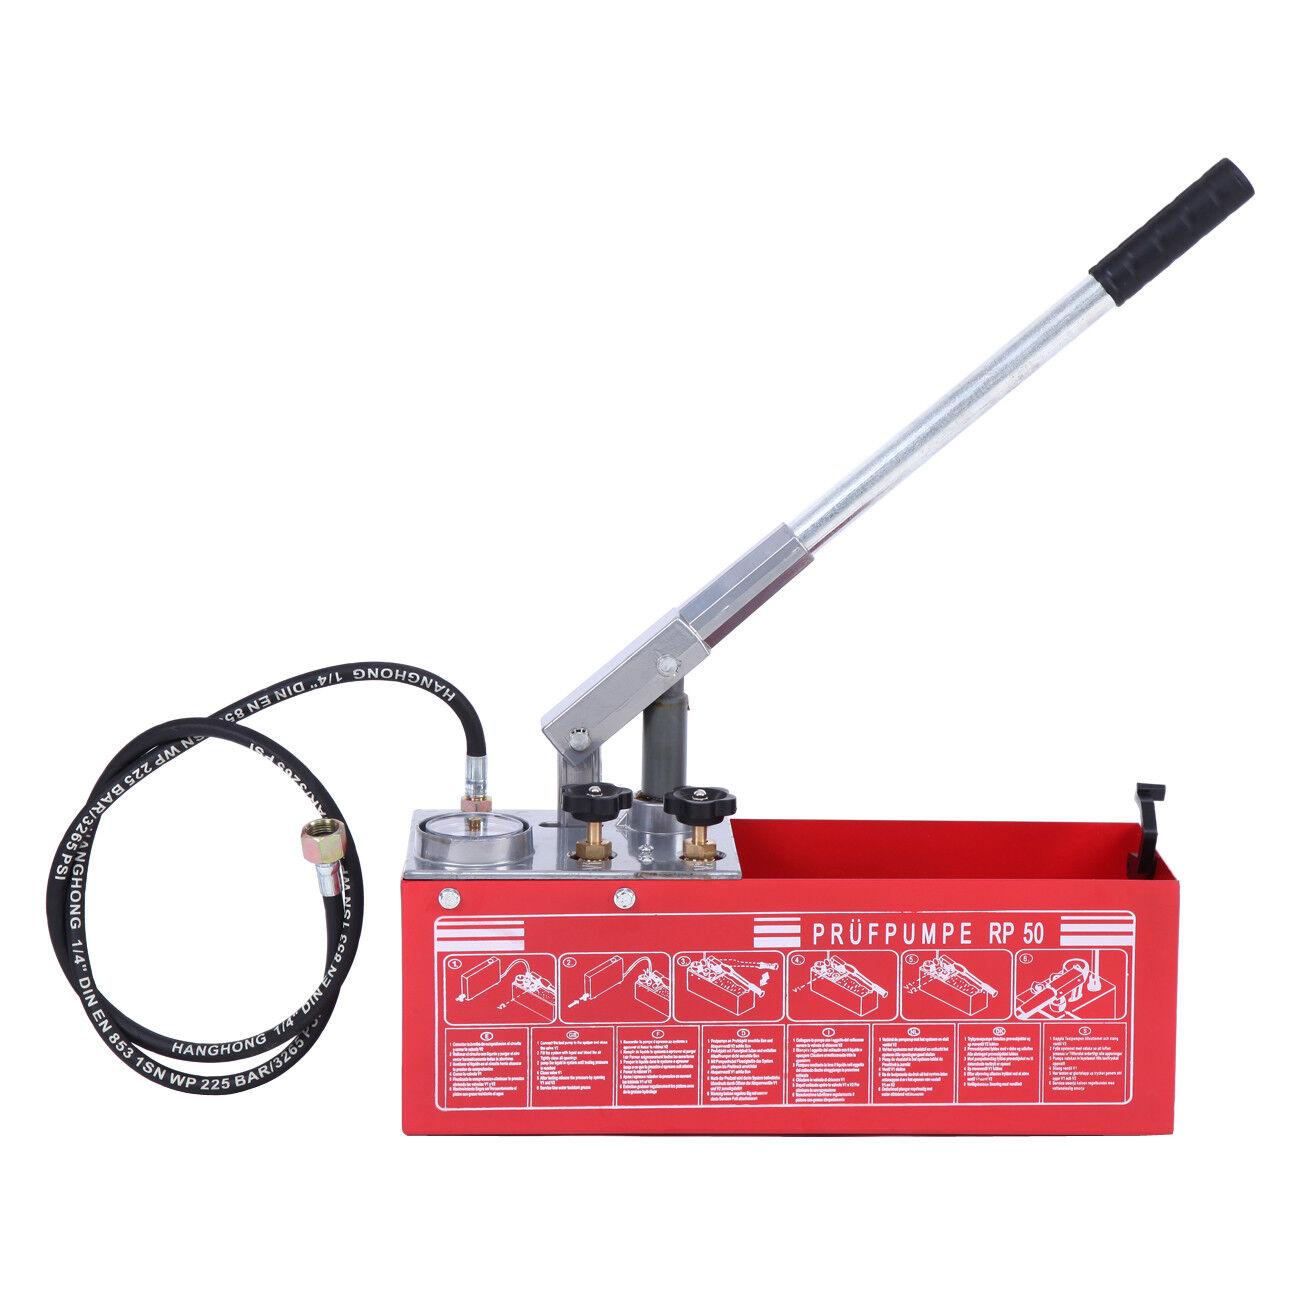 Essai de pression de fuite de la conduite d'eau de la pompe 12L Pressure tester